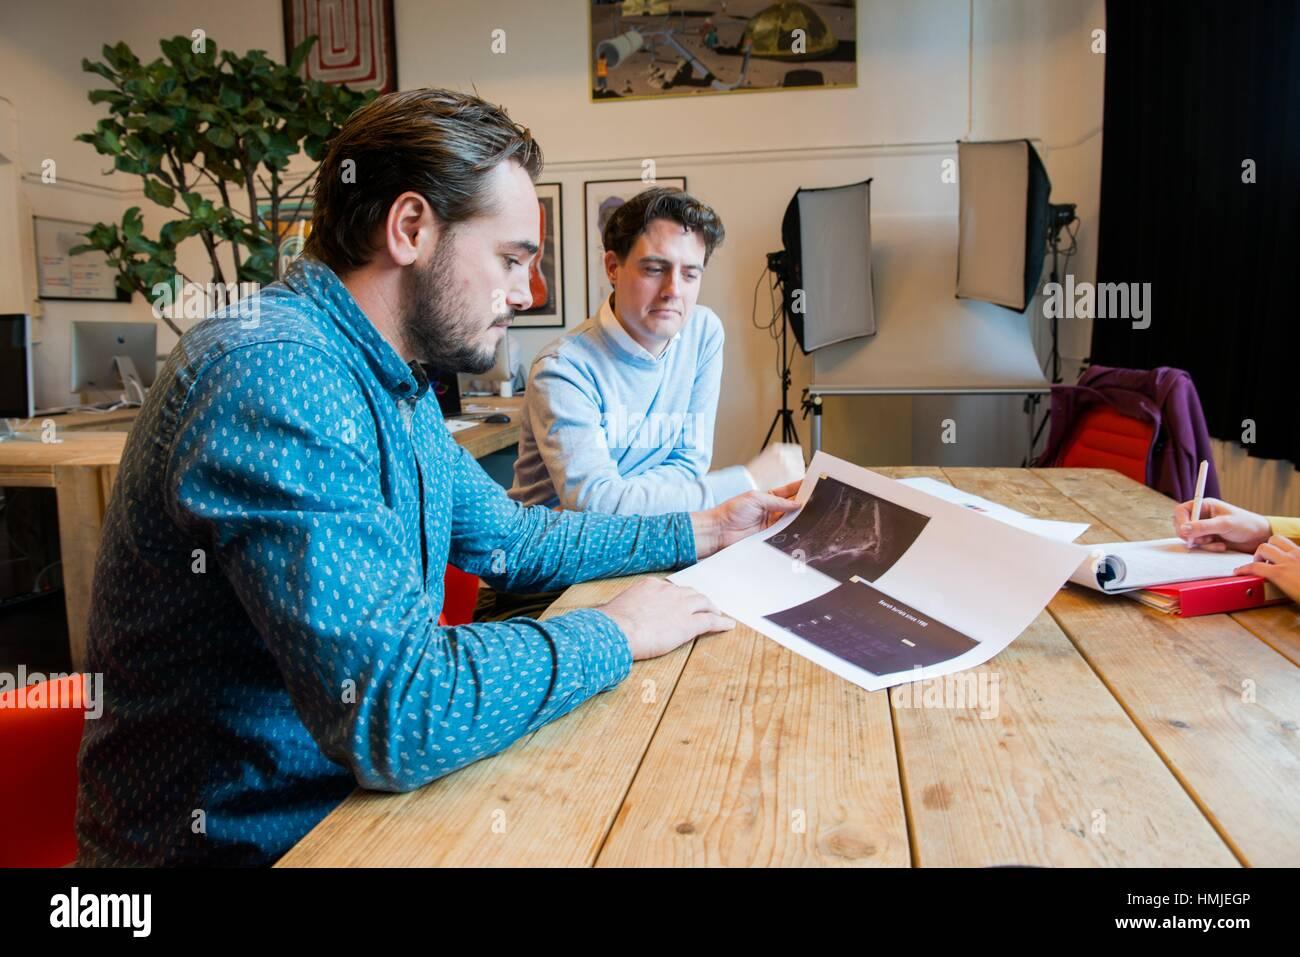 Utrecht, Niederlande. Zwei professionelle, kreative Männer und Künstler erläutern ihre Arbeit in Stockbild